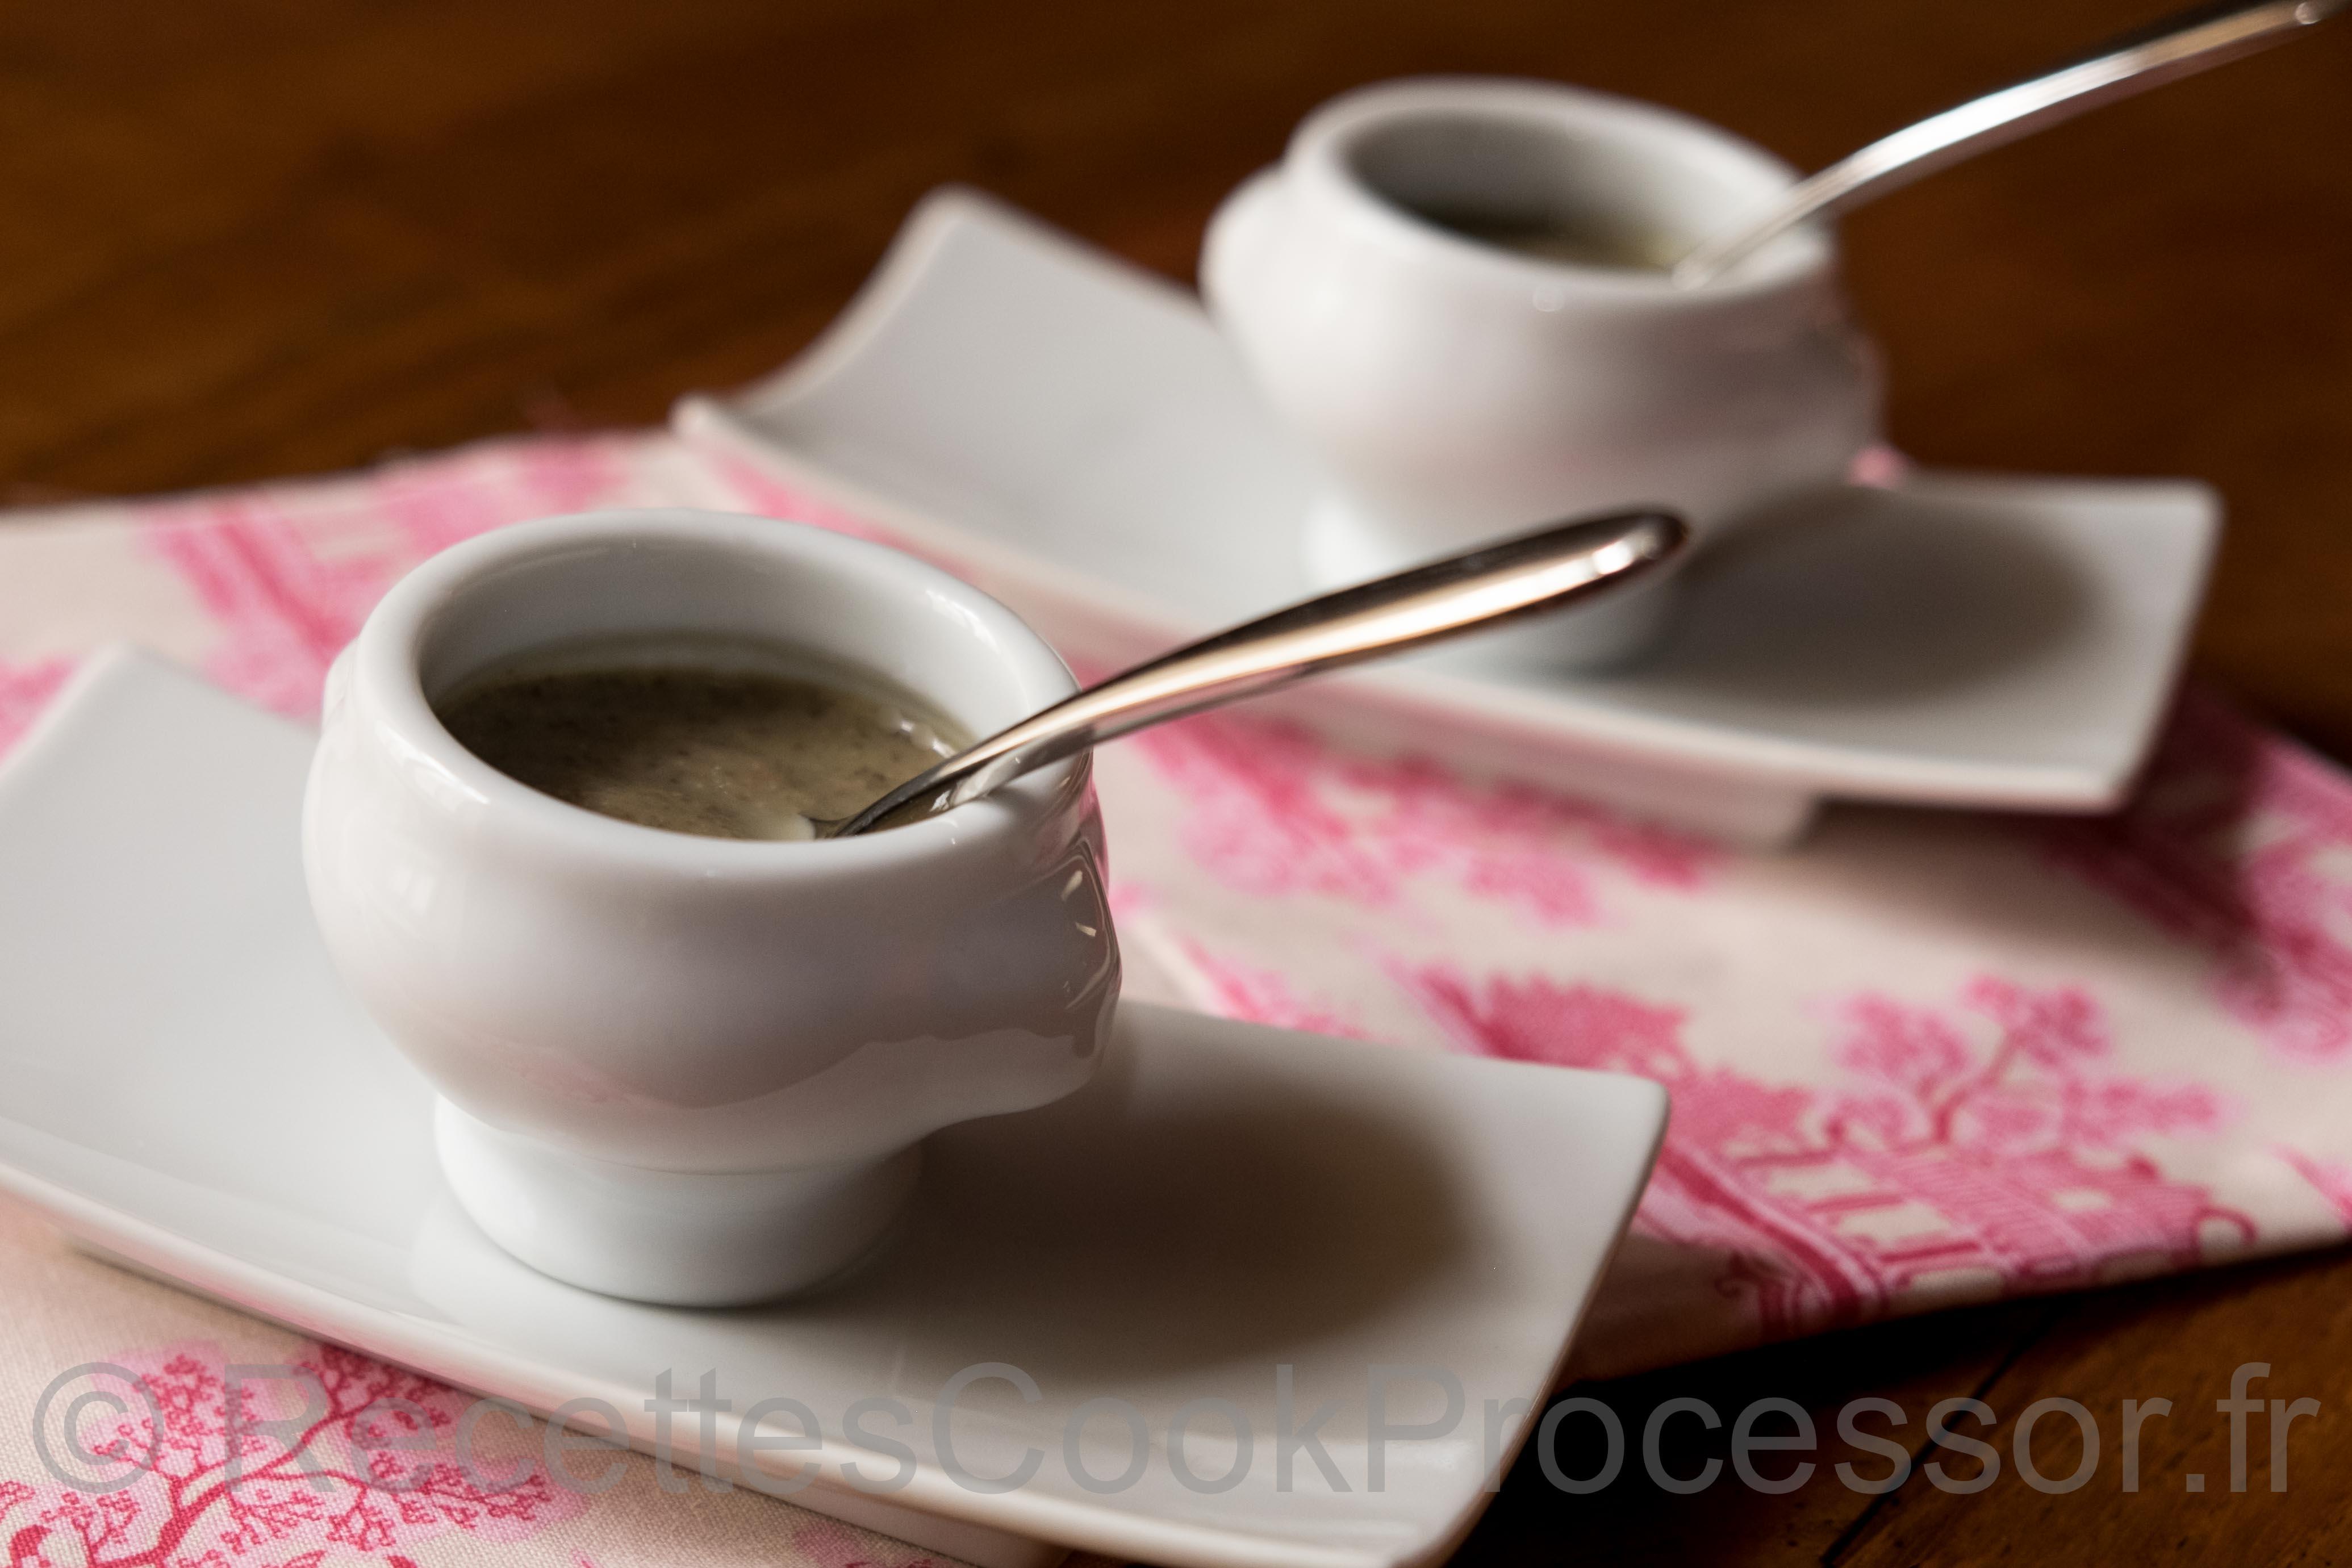 velout de lentilles vertes recettes pour le cook processor de kitchenaid. Black Bedroom Furniture Sets. Home Design Ideas